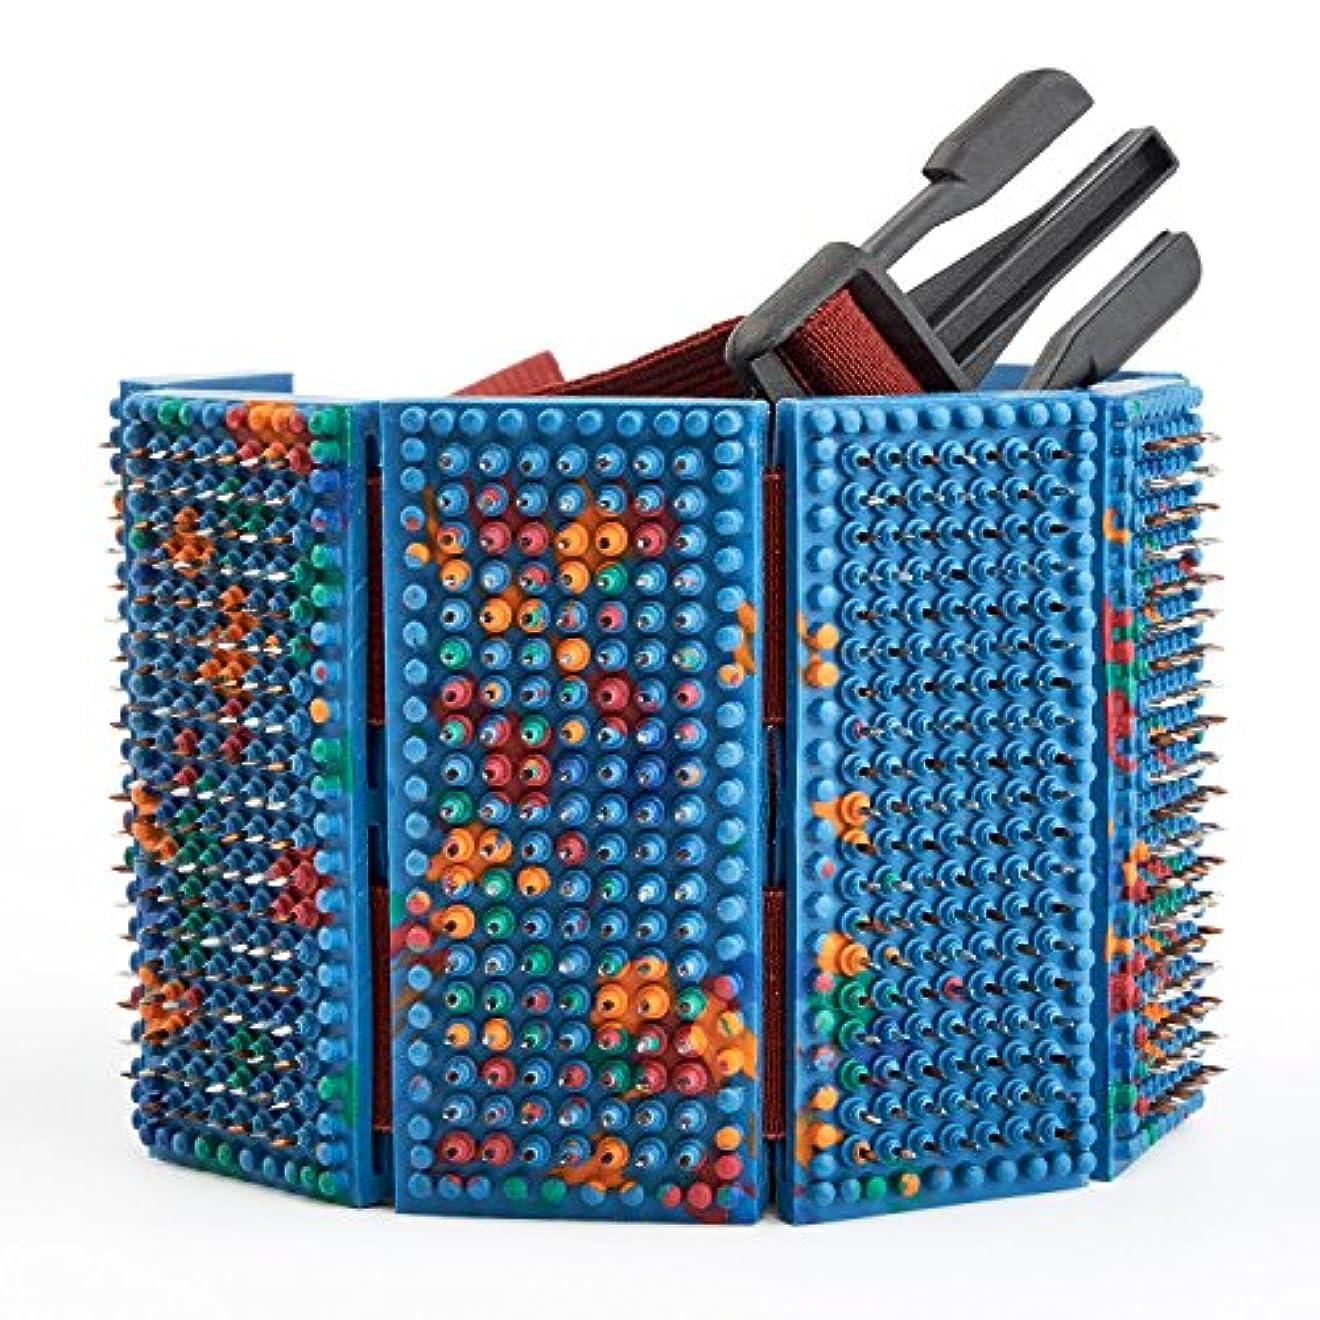 ひどく人に関する限り上げるLYAPKO Acupuncture Belt KID 3.5 Ag 960 Needles 6 Plates with 2 Adjustable Belts. Premium Acupressure Massager...